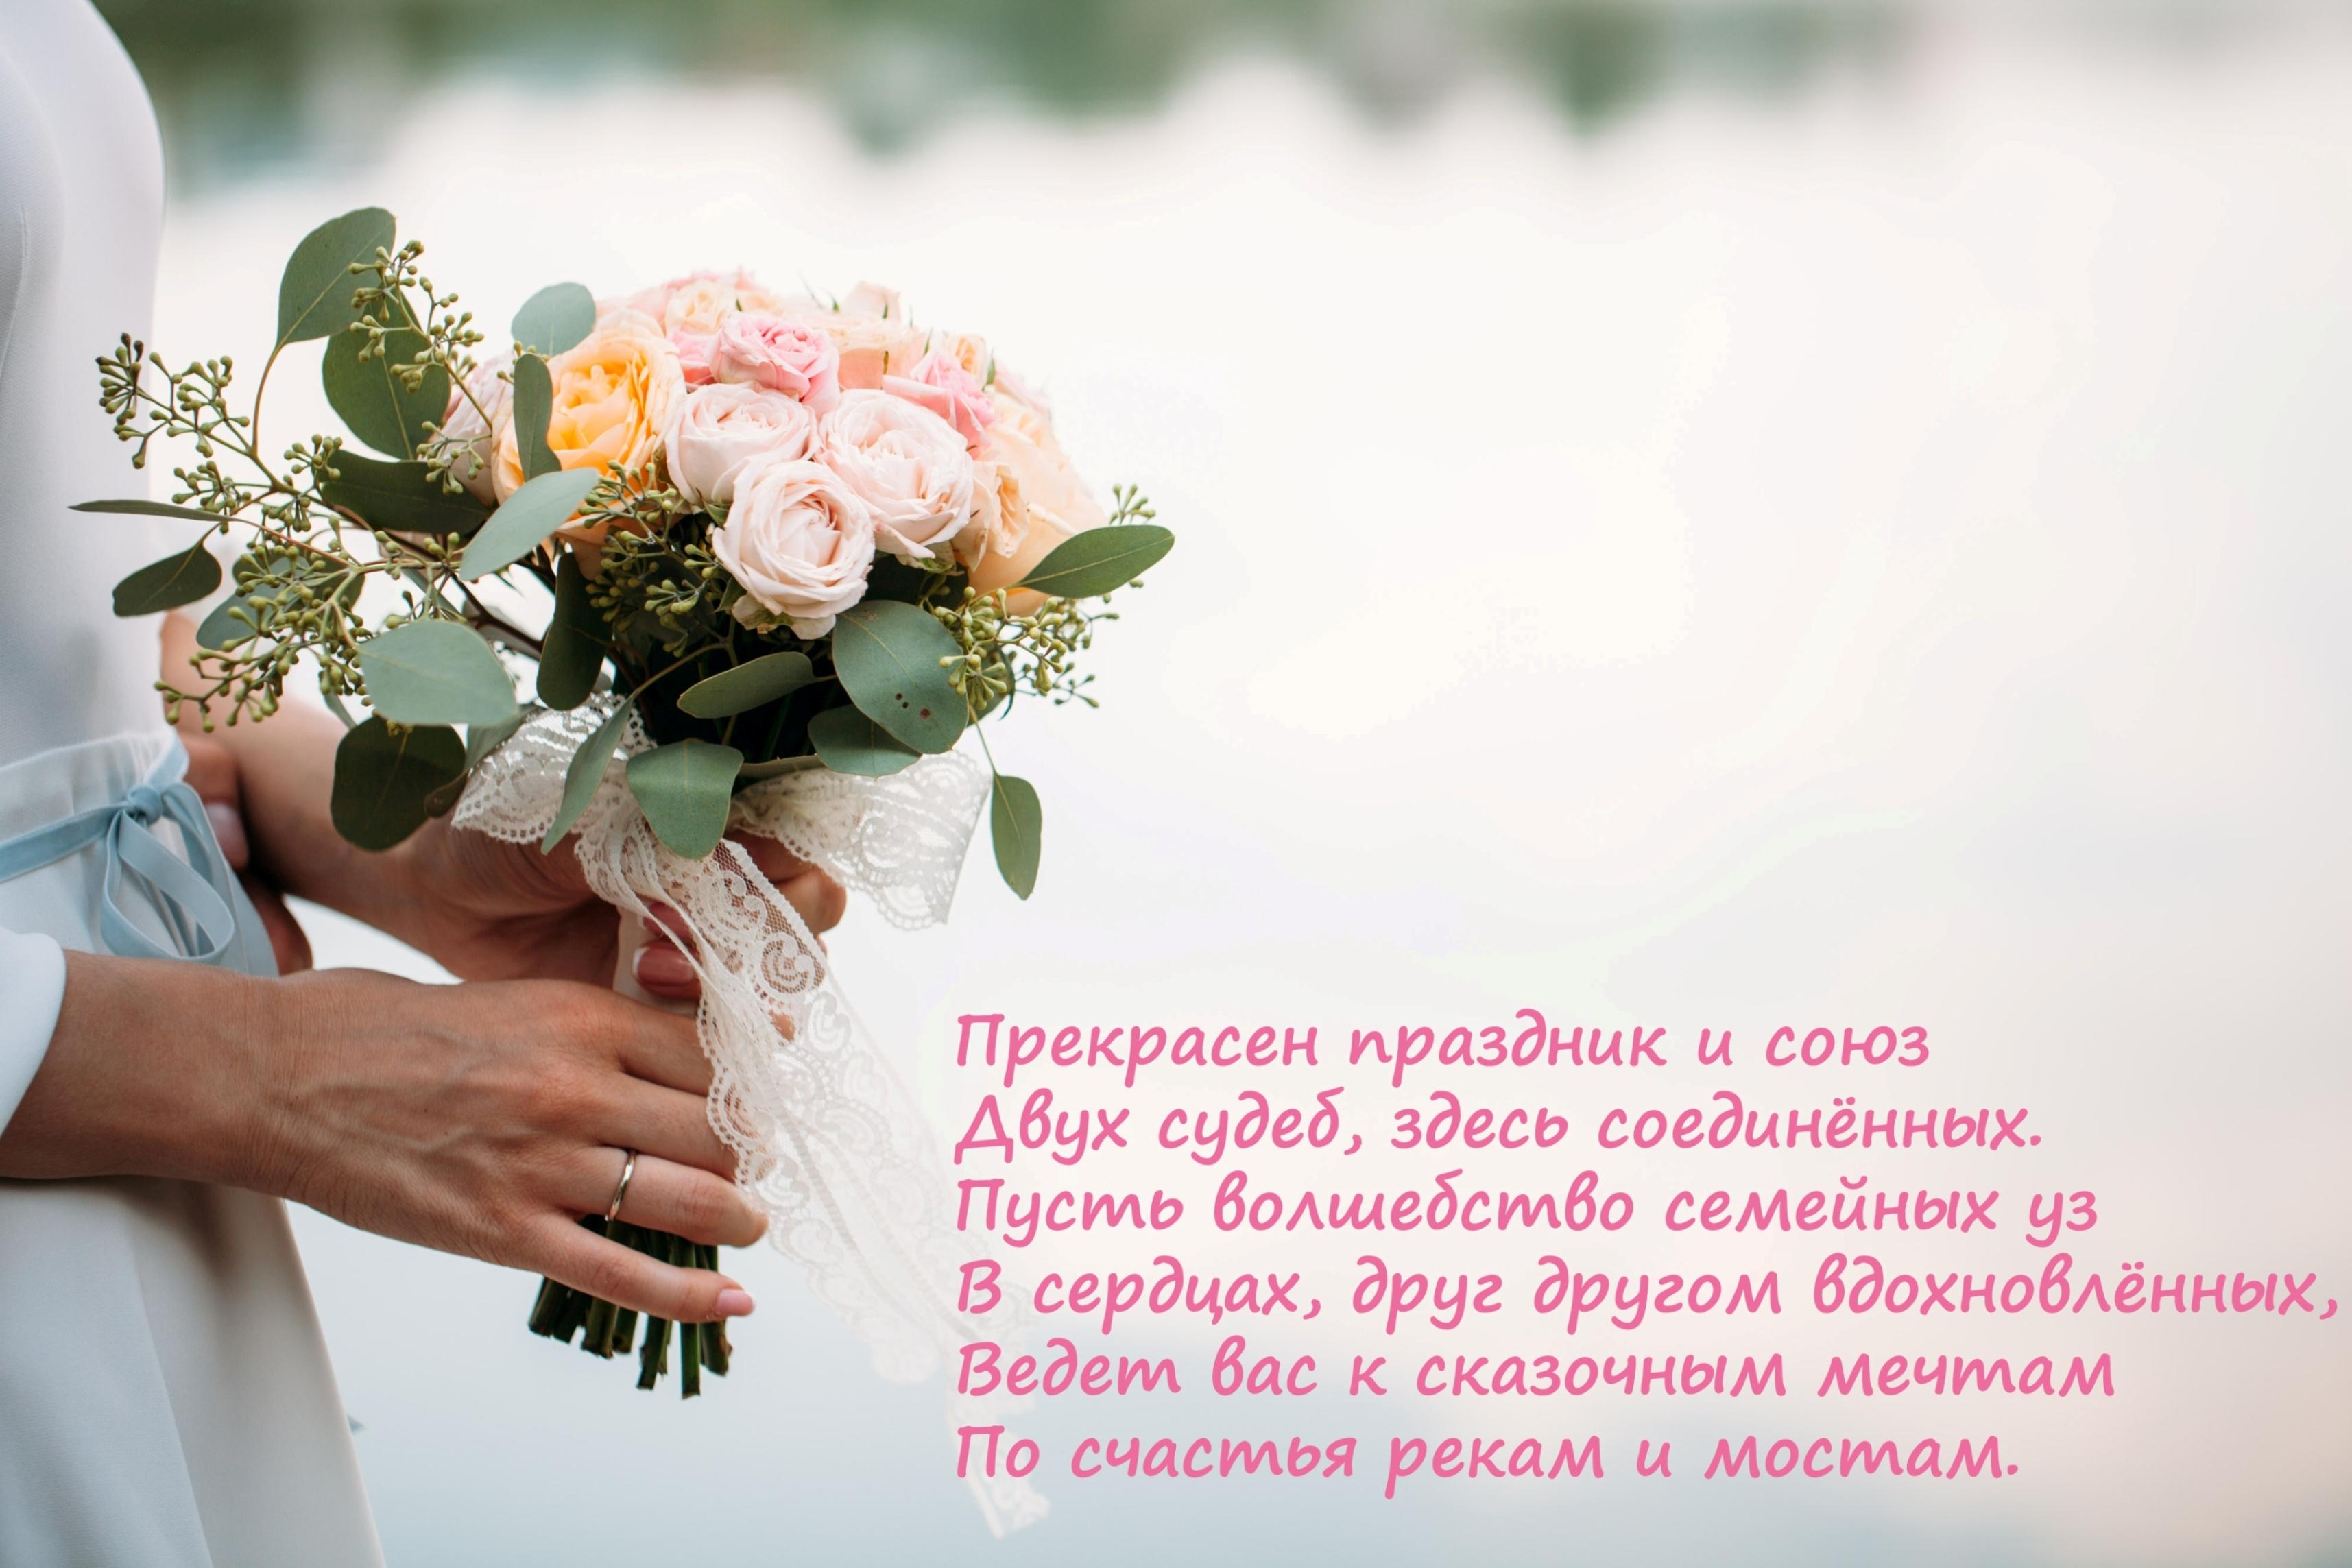 Поздравления мастеру - Миллион Подарков